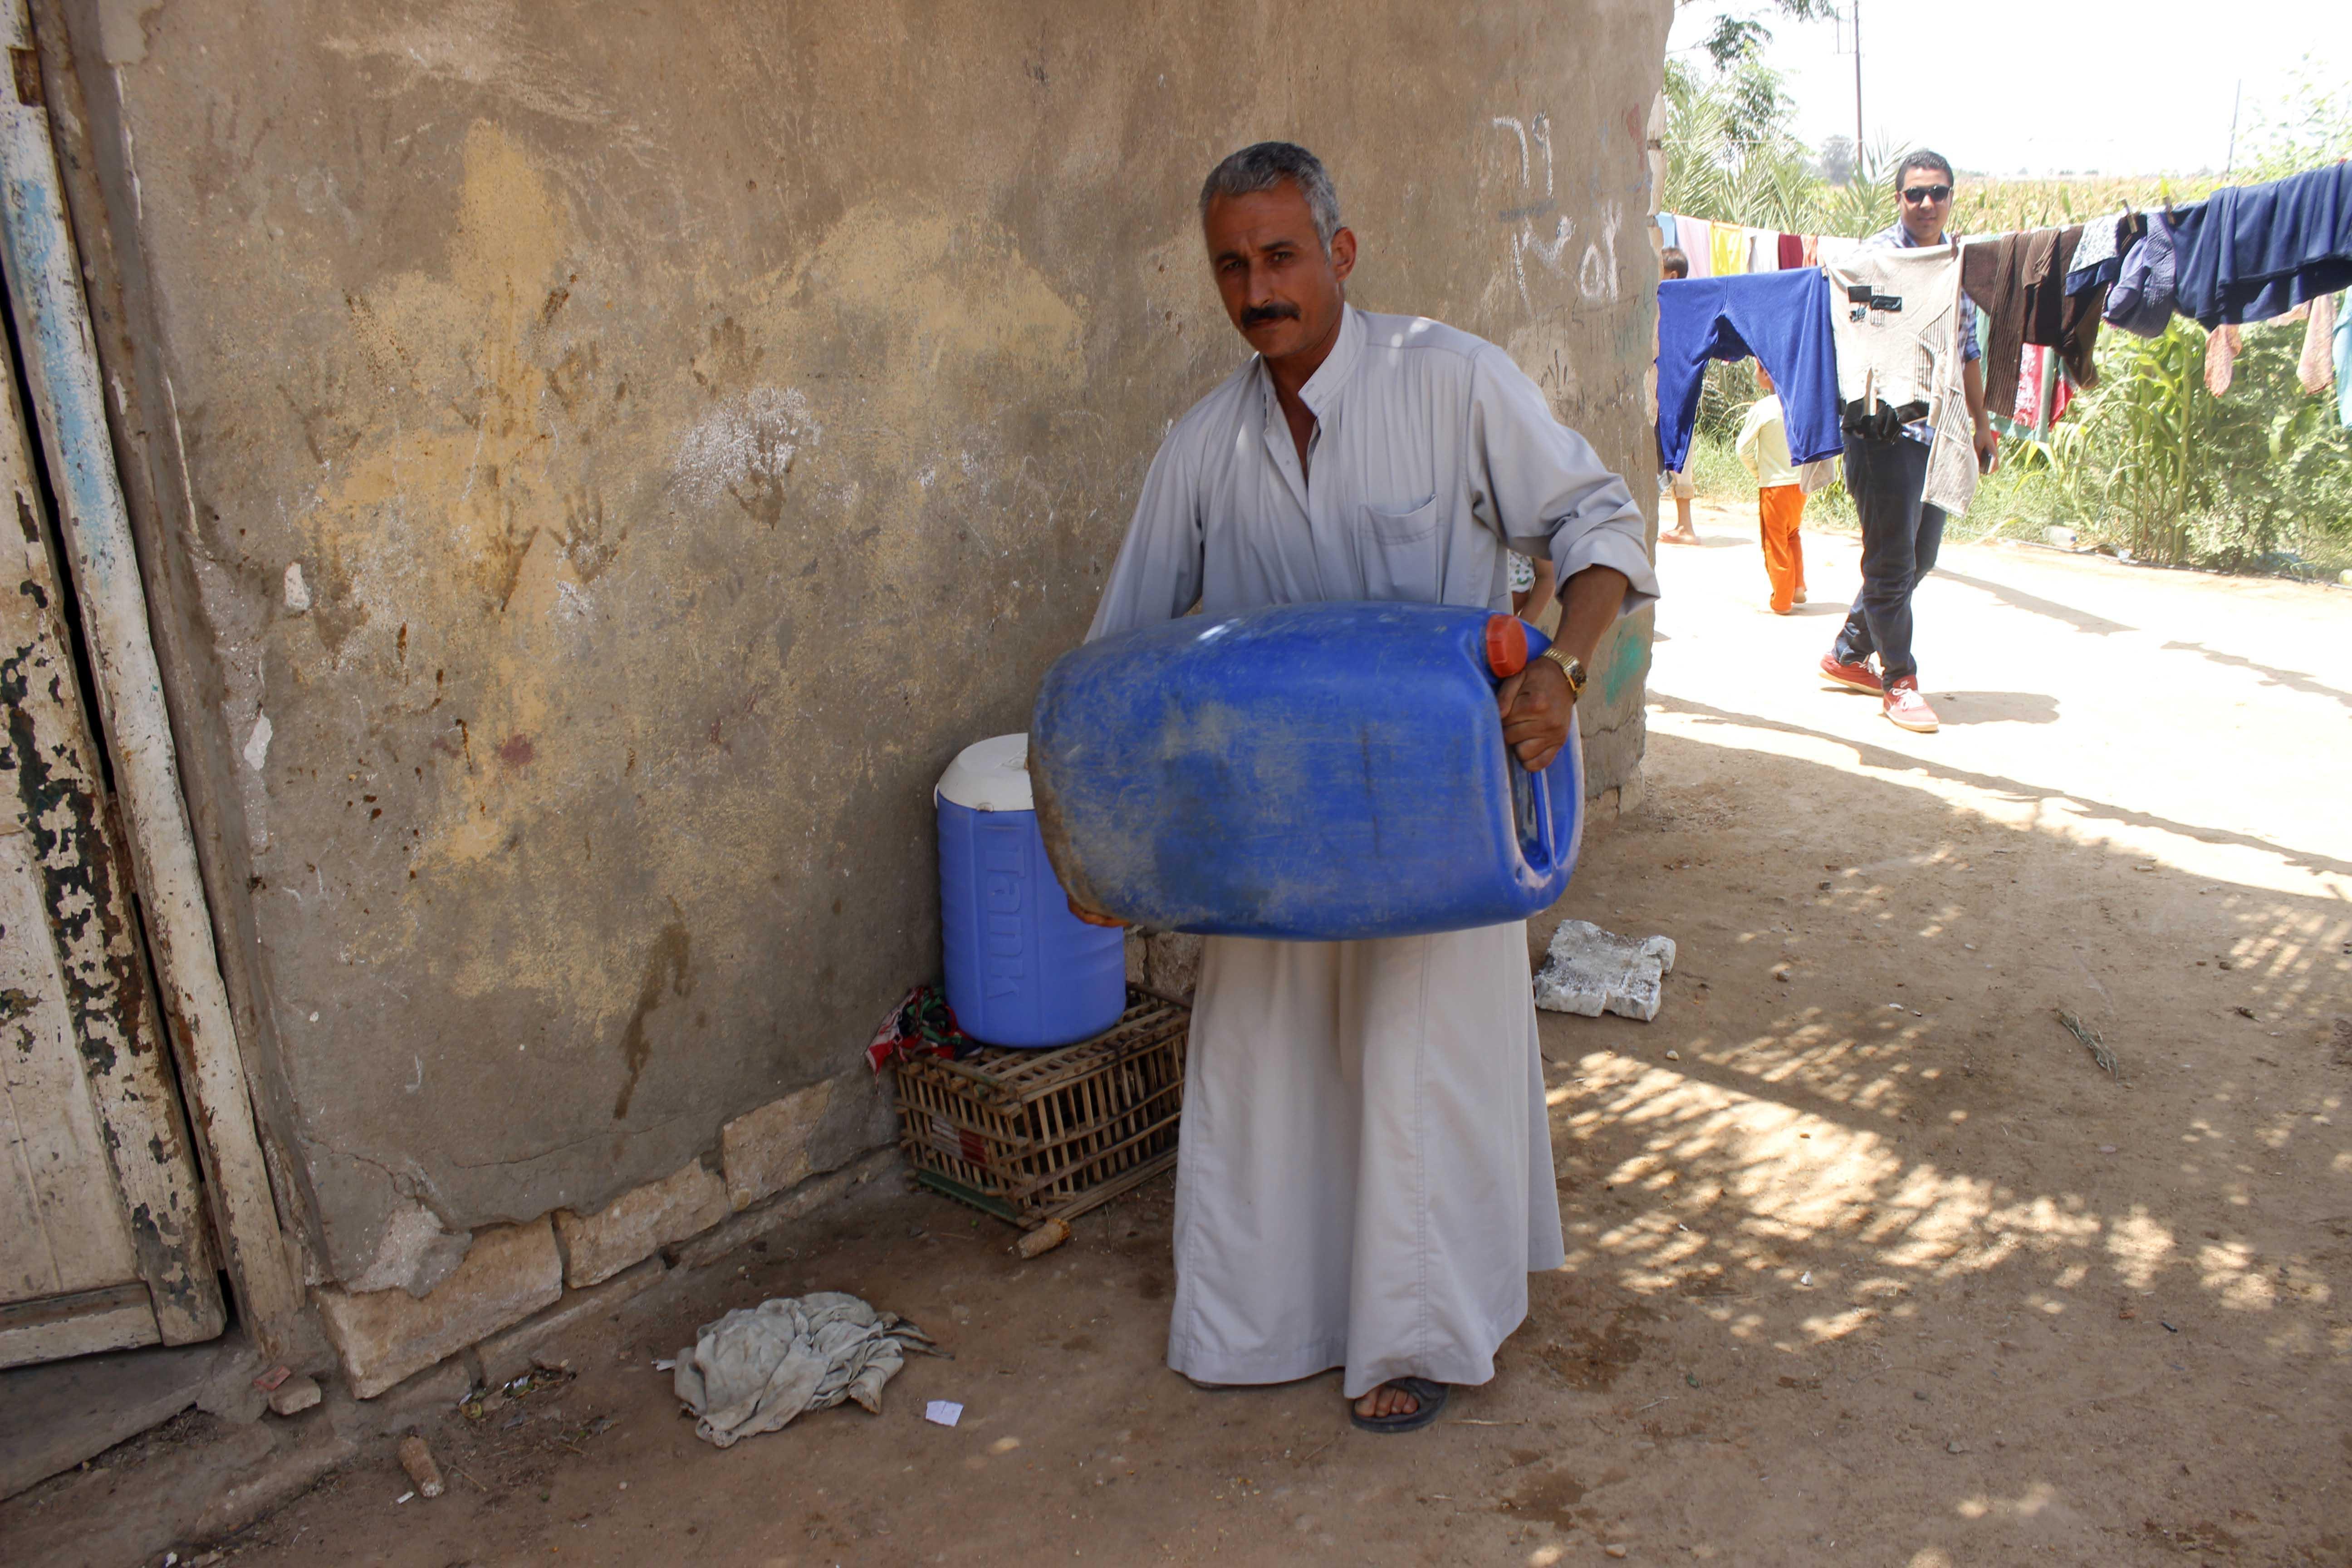 قري  تعيش بدون مياه  شرب  لأربعة أشهر  - تصوير  محمد عوض  (3)